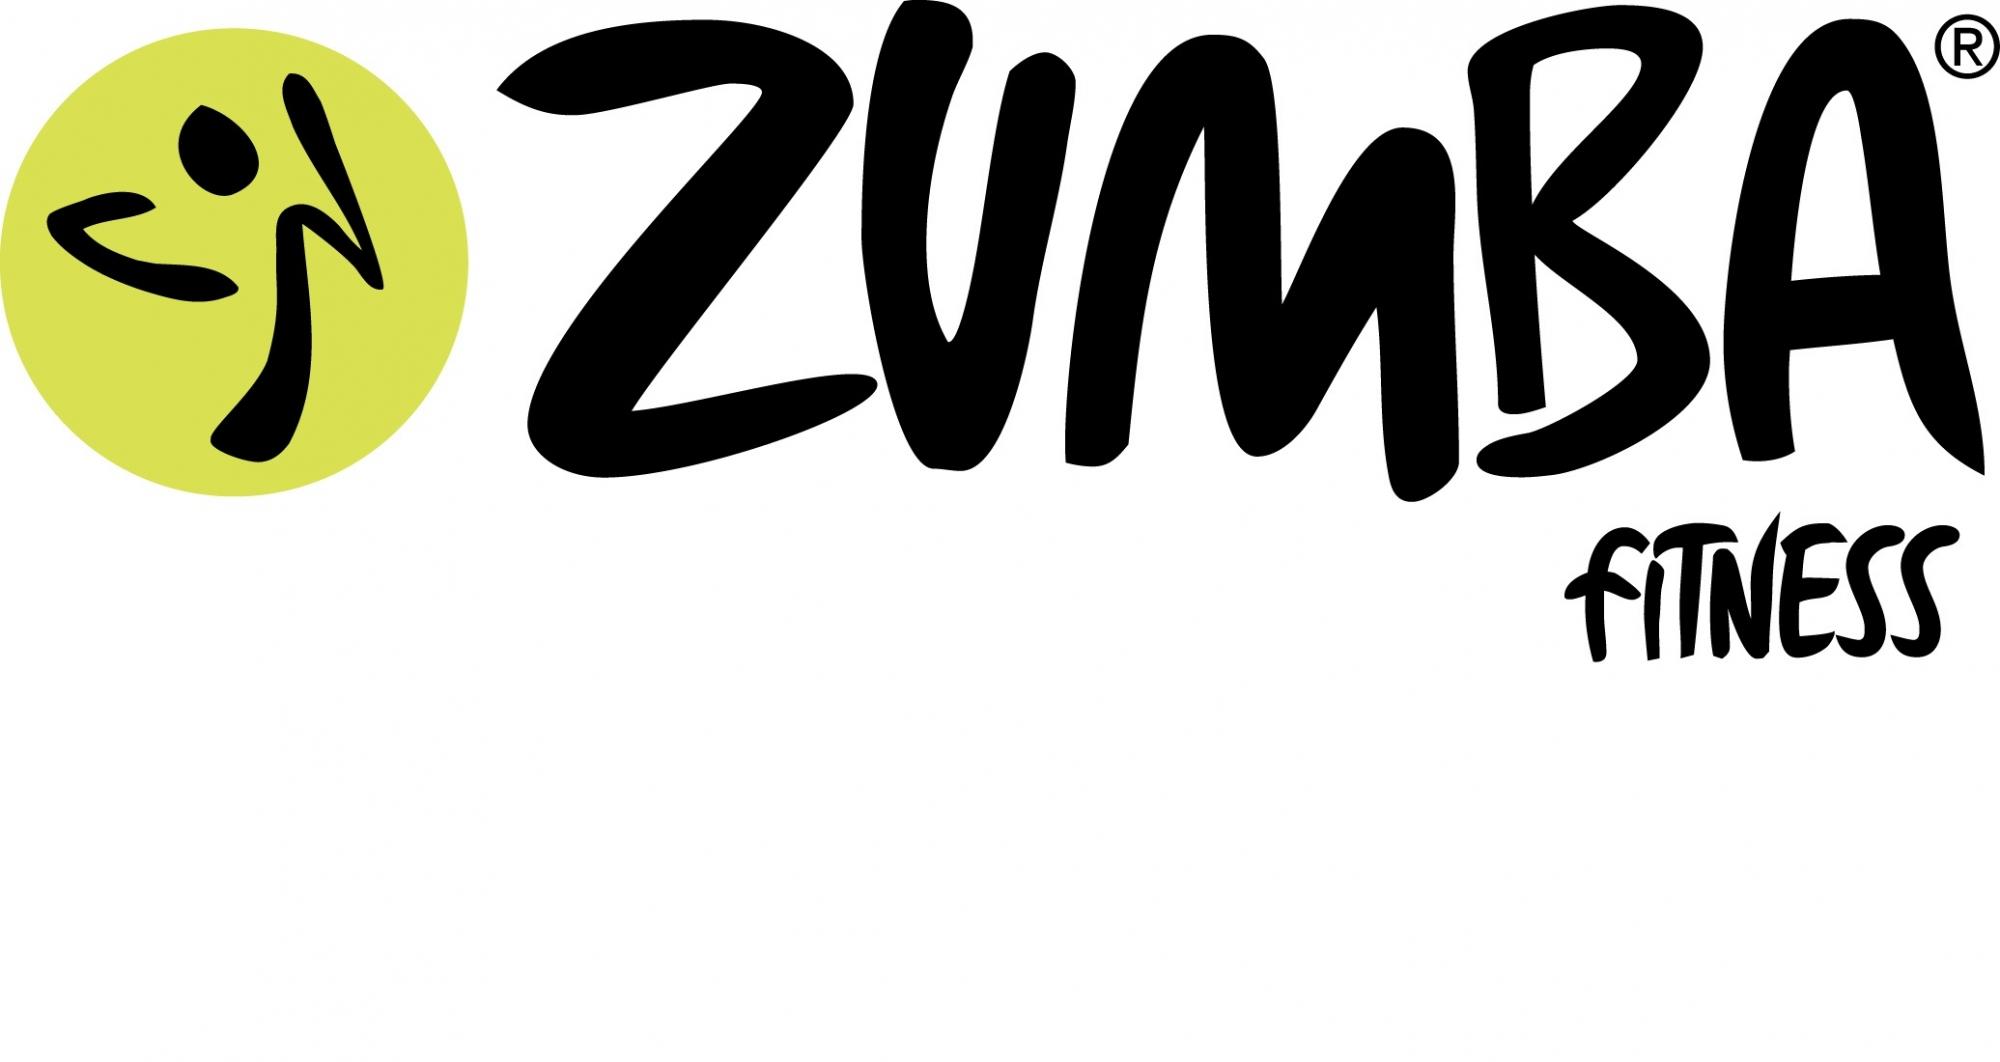 Zumba Fitness Logo Png Zumba Fitness Png zu